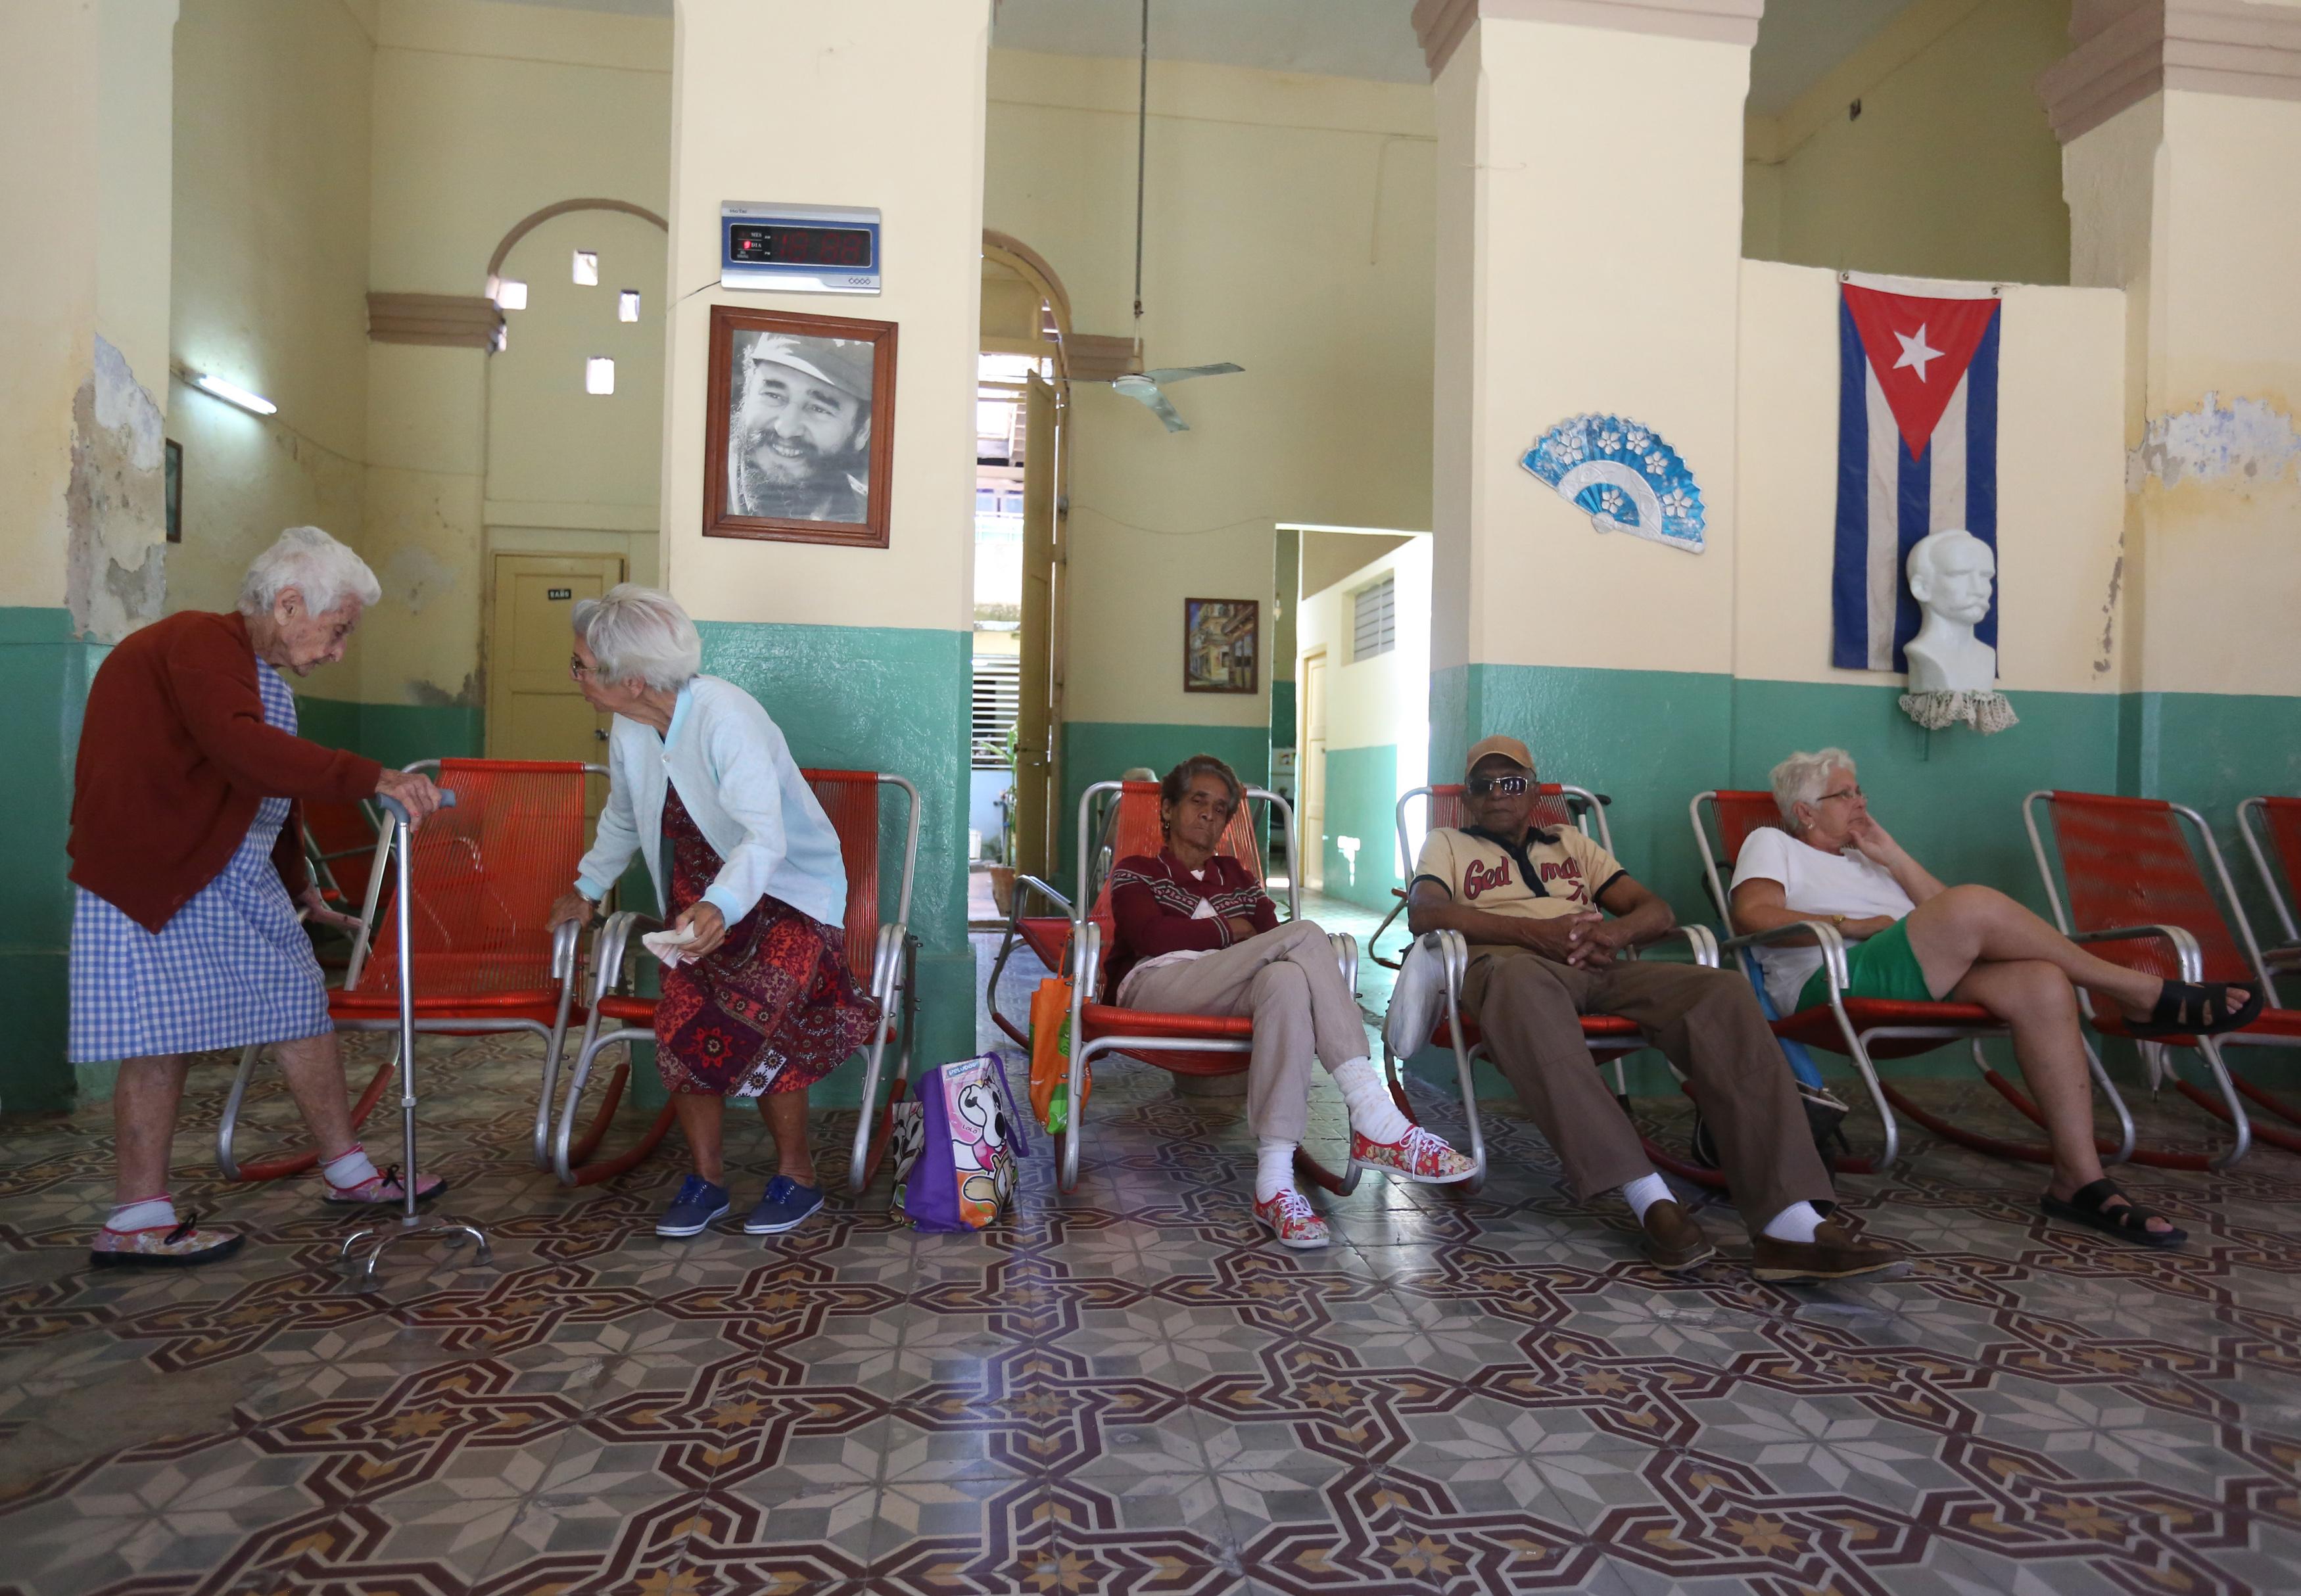 Elderly Cubans sit by an image of Cuba's late President Fidel Castro (L) at a retirement home in the Regla neighborhood in Havana, Cuba, November 29, 2016. REUTERS/Edgard Garrido - HT1ECBT1DDJBU